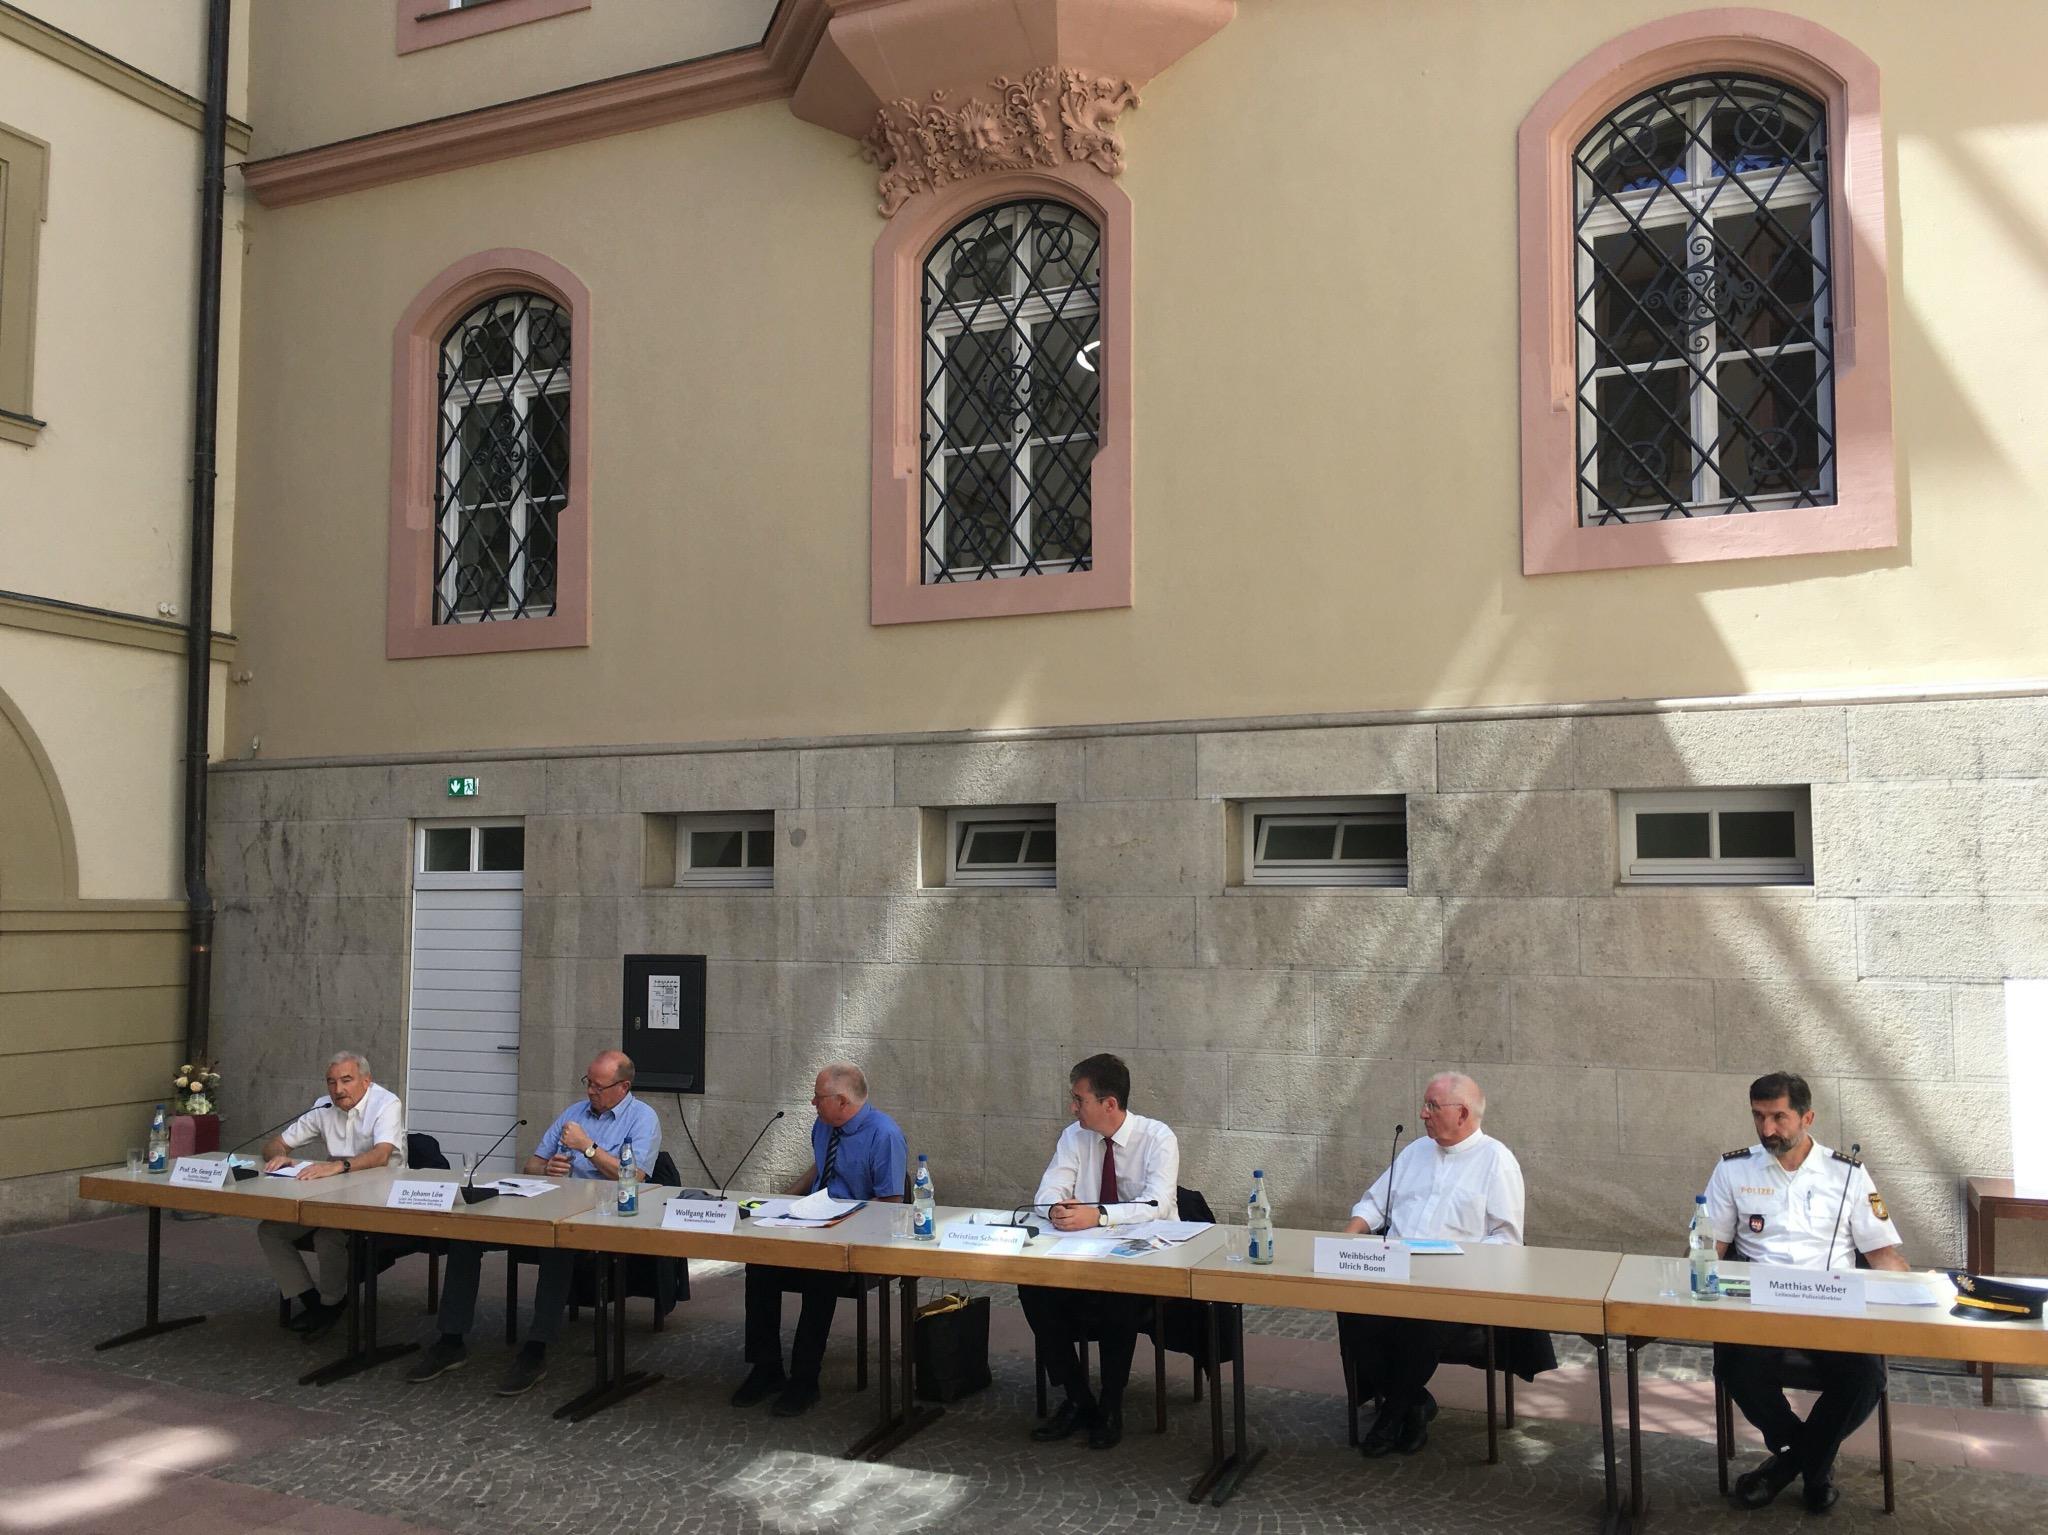 Vertreter von Stadt, Polizei, Gesundheitsamt, Uniklinik und Kirche bei einer Pressekonferenz. Foto: Jacob Grimm